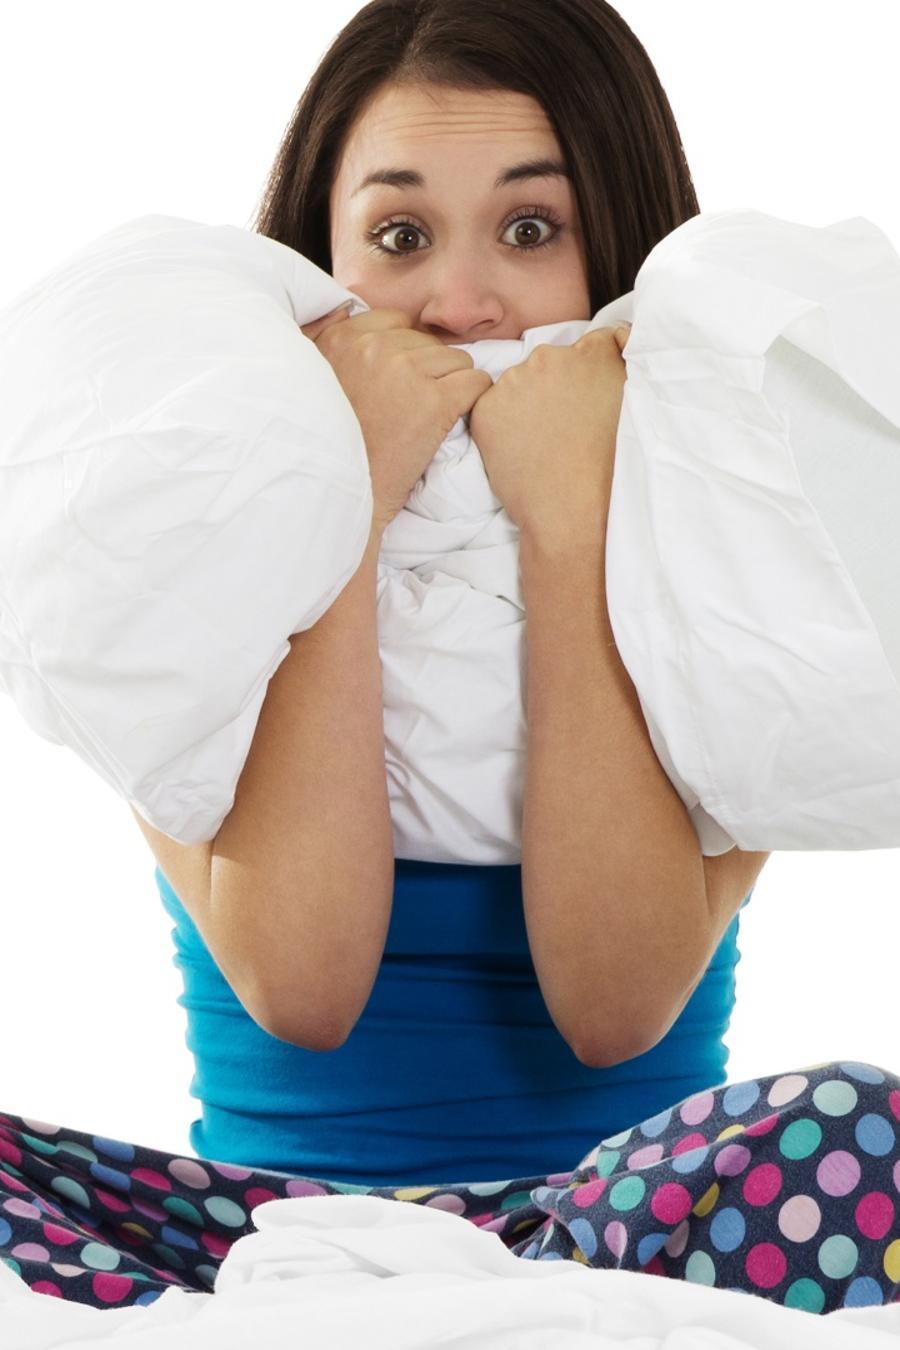 Mujer asustada sentada en la cama y sosteniendo una almohada